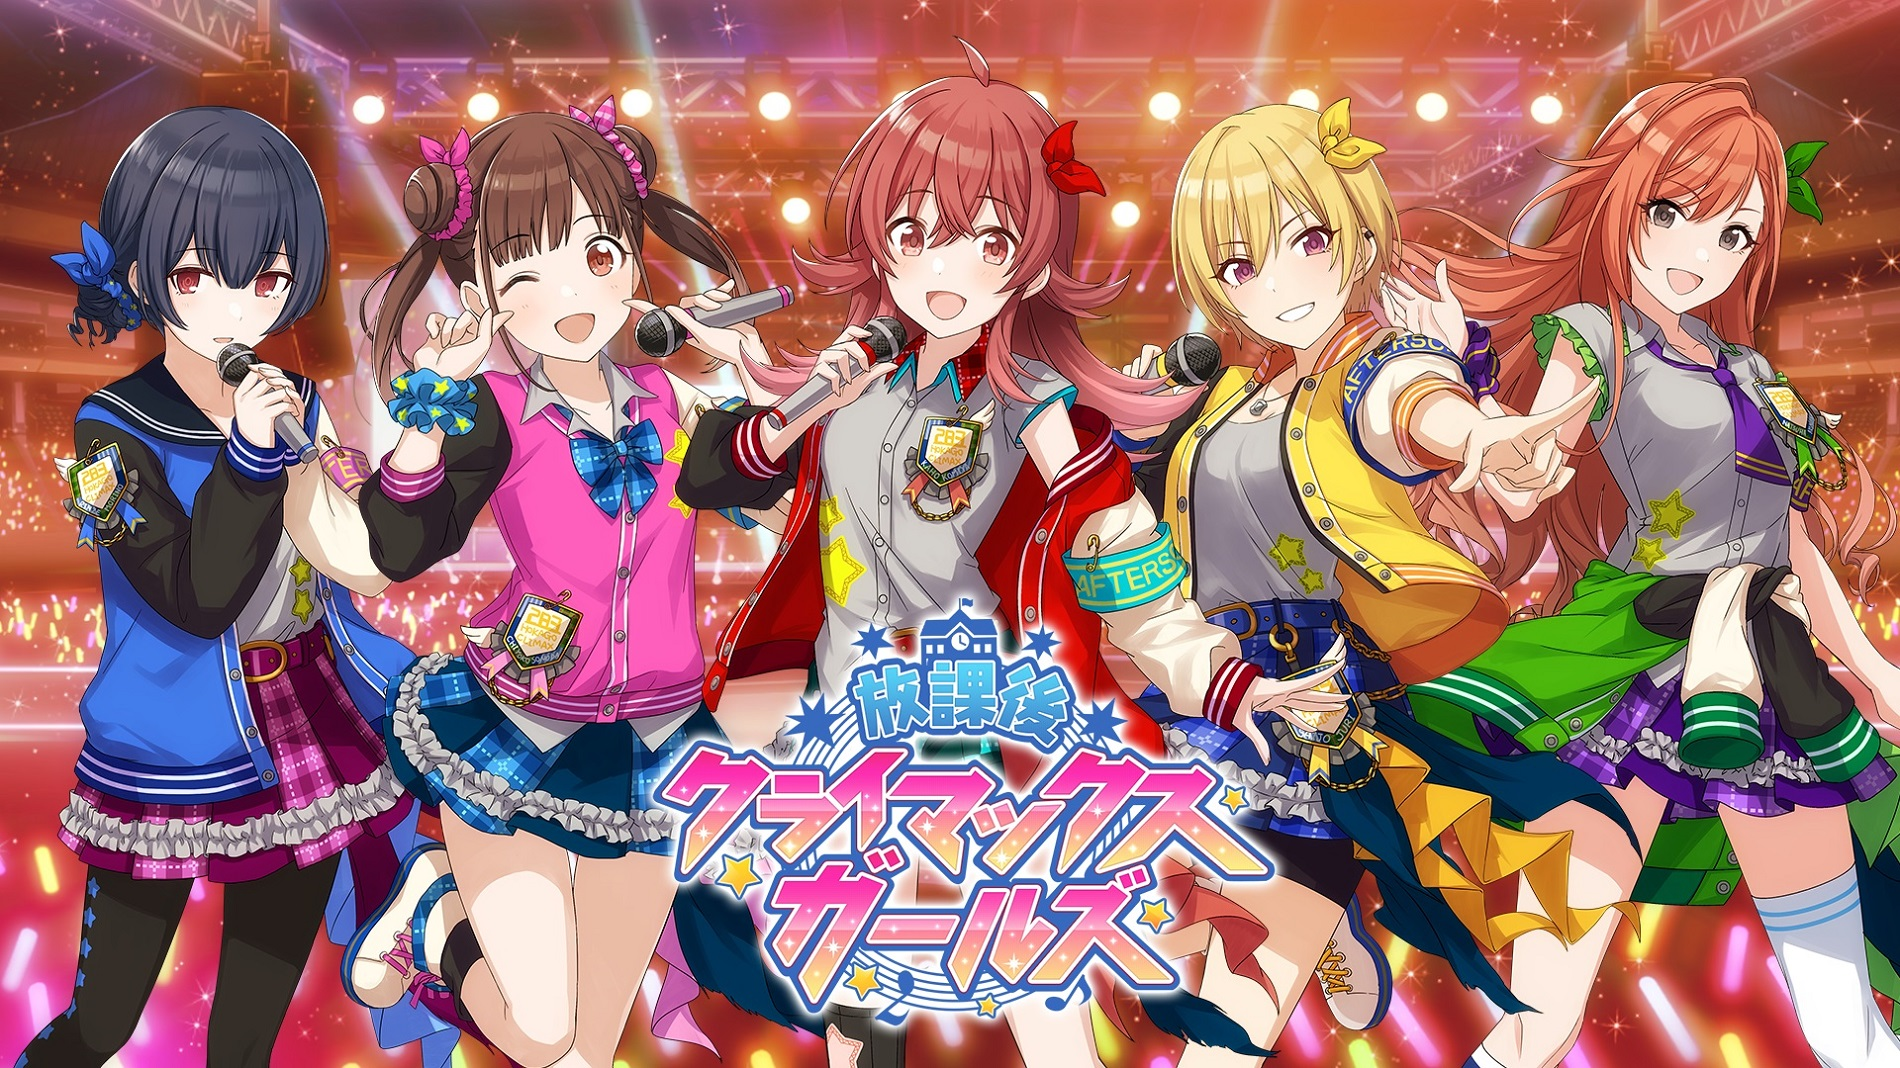 『アイドルマスター シャイニーカラーズ』で「放課後クライマックスガールズ」のPVが公開!